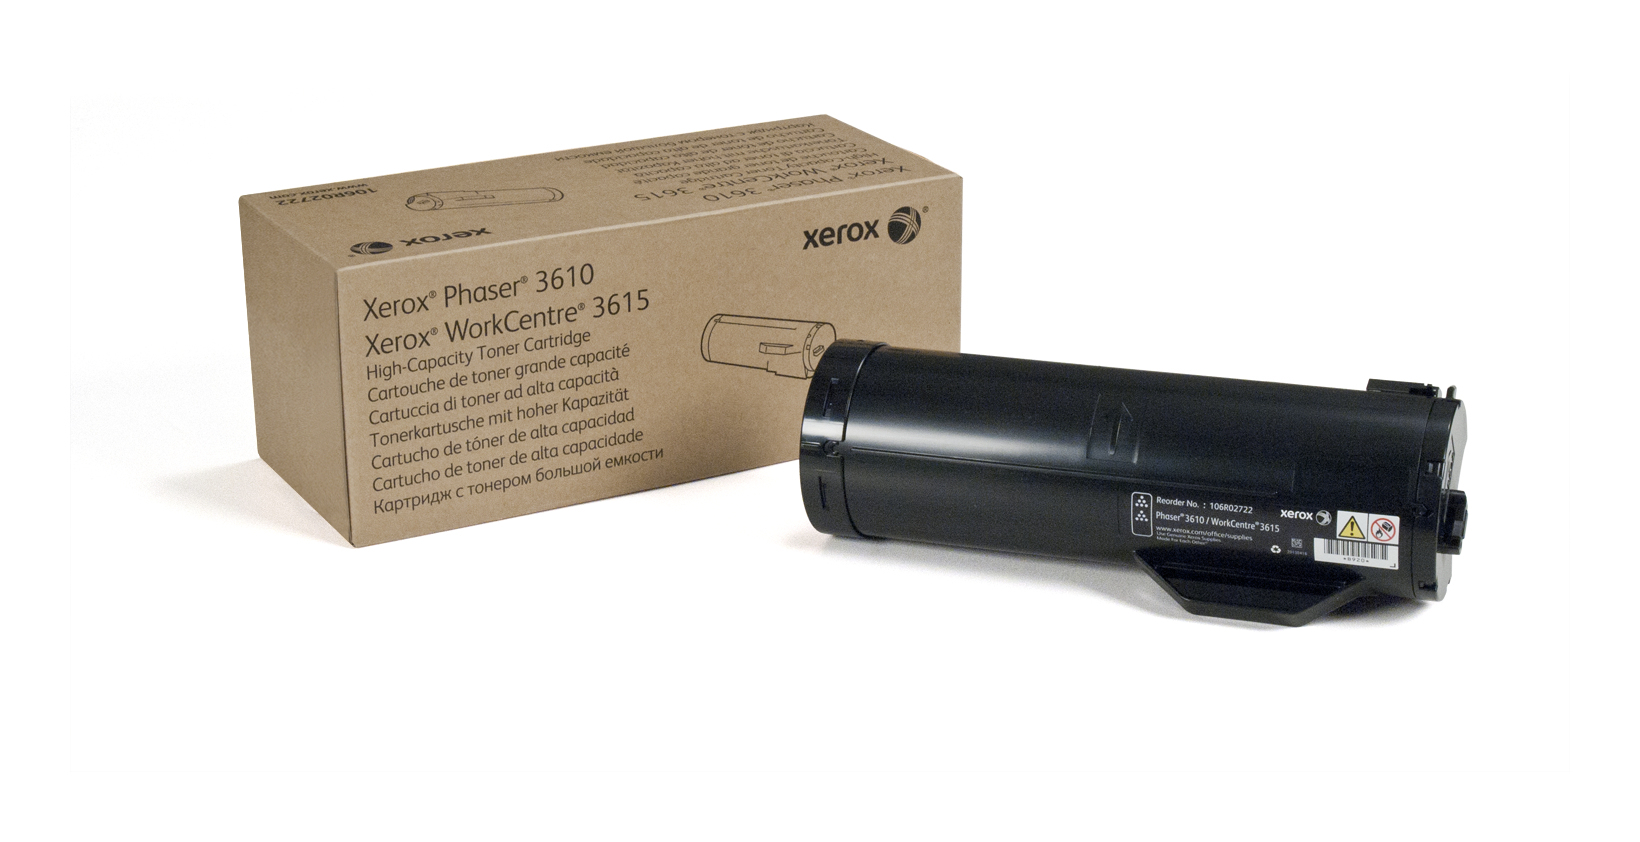 Xerox Phaser 3610/Workcentre 3615 Cartucho De Tóner Negro De Gran Capacidad (14100 Páginas)